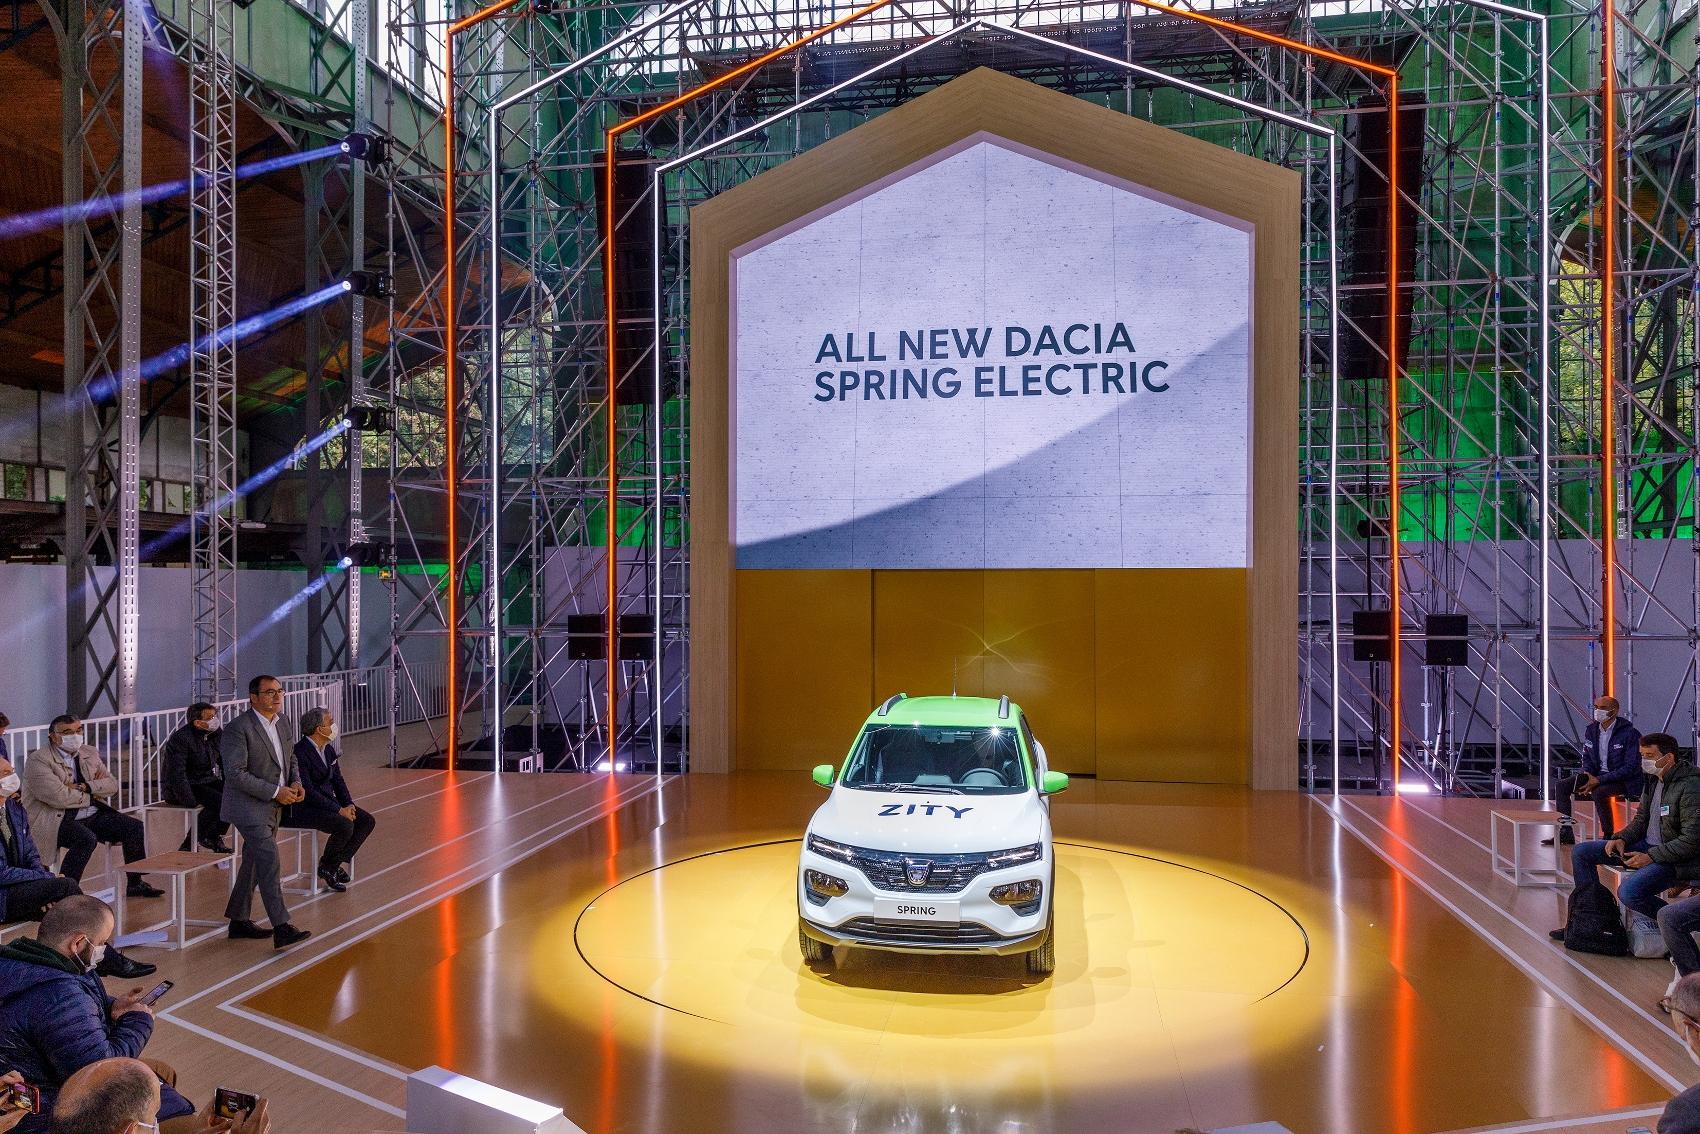 Nová elektrická Dacia Spring bude superlacná JYr9yoJzbp 2020-renault-eways-press-conference-3-1700x1